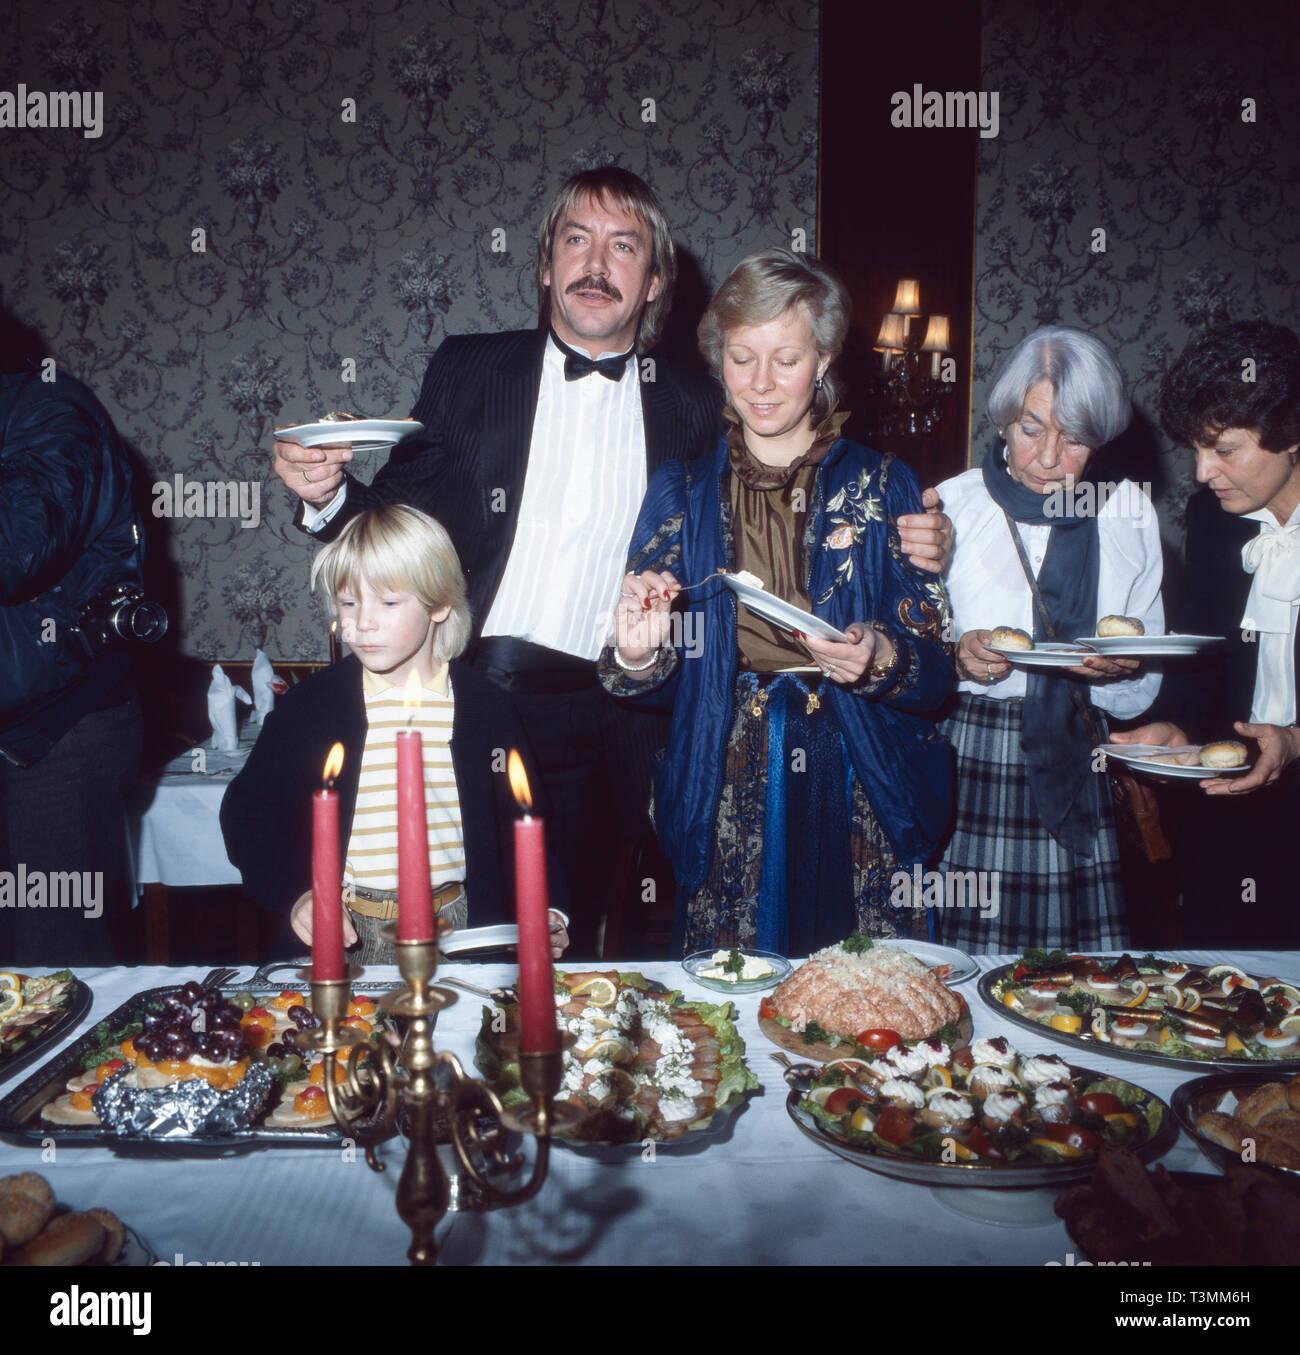 Werner Böhm, deutscher Sänger und Musiker, am Tag seiner Heirat mit Schlagersängerin Mary Roos (nicht im Bild), Deutschland 1981. German singer and musician on the day of his marriage with schlager singer Mary Roos (nt in the photo), Germany 1981. Stock Photo